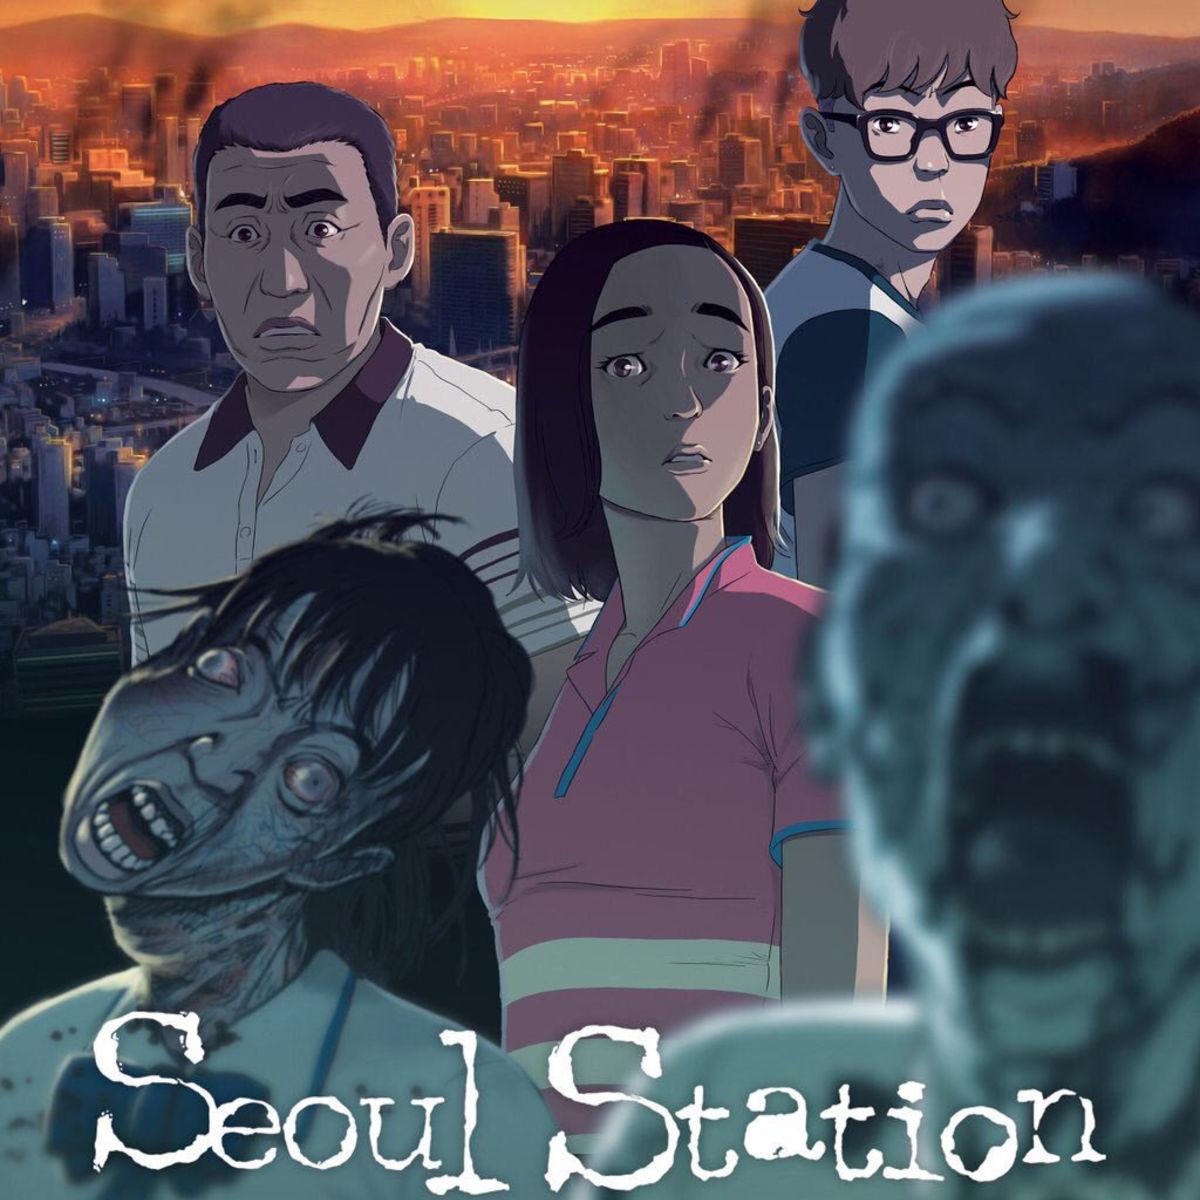 Seoul-Station-poster.jpg